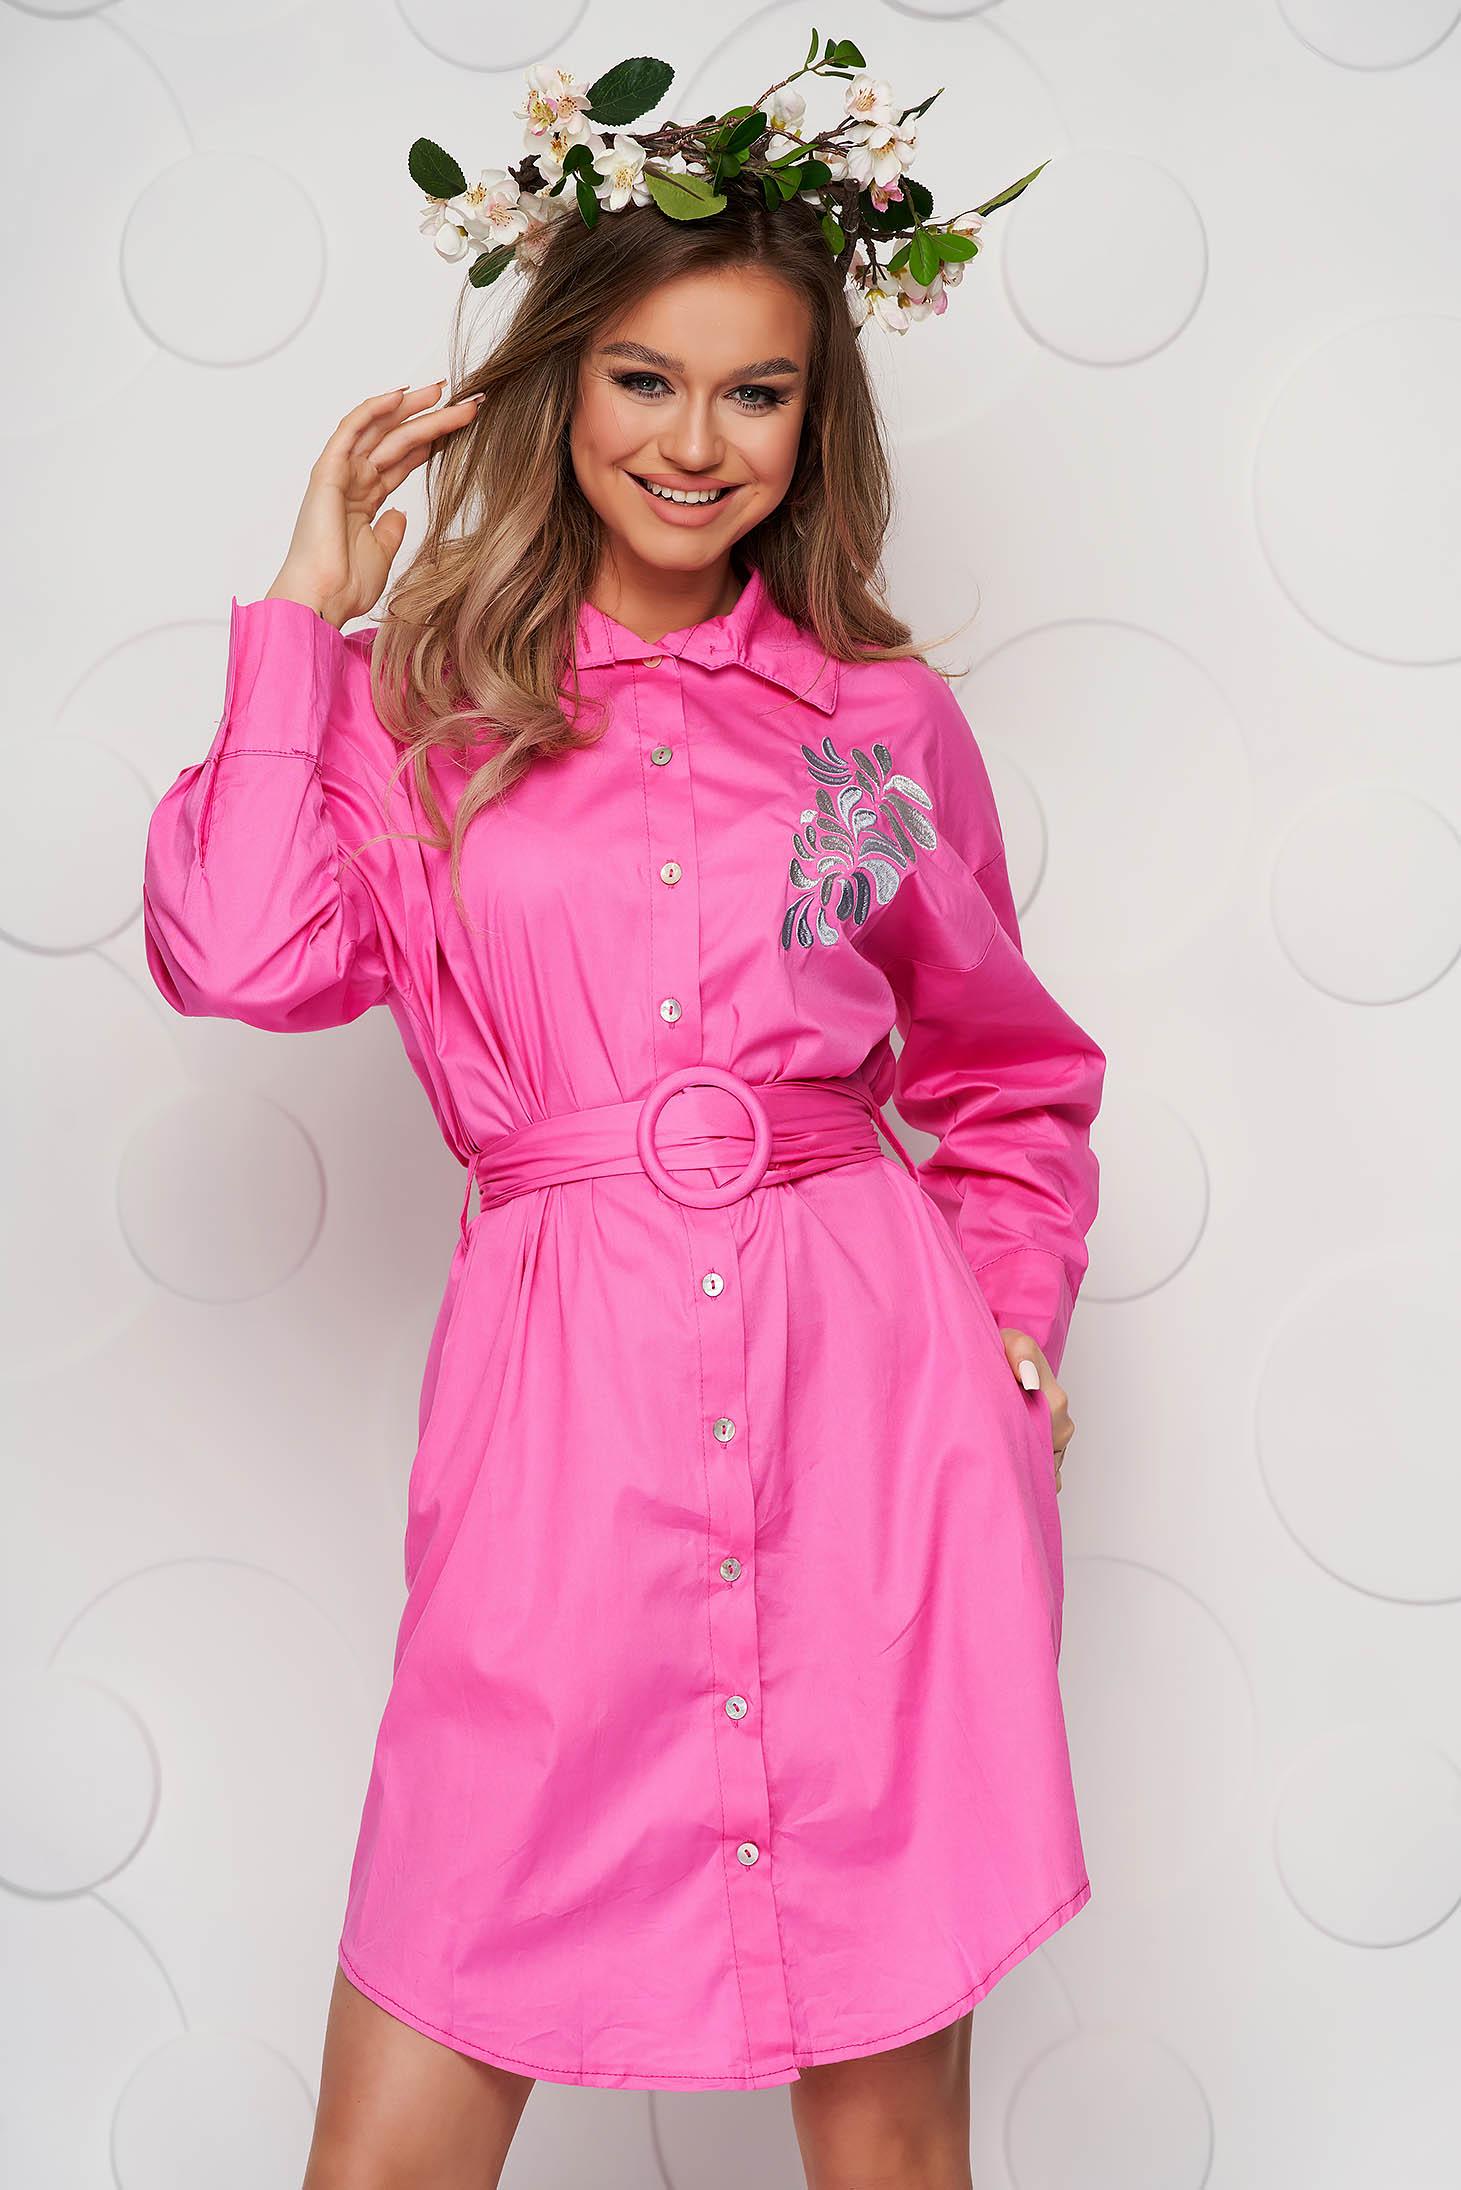 Rochie SunShine roz brodata din bumbac subtire cu accesoriu tip curea